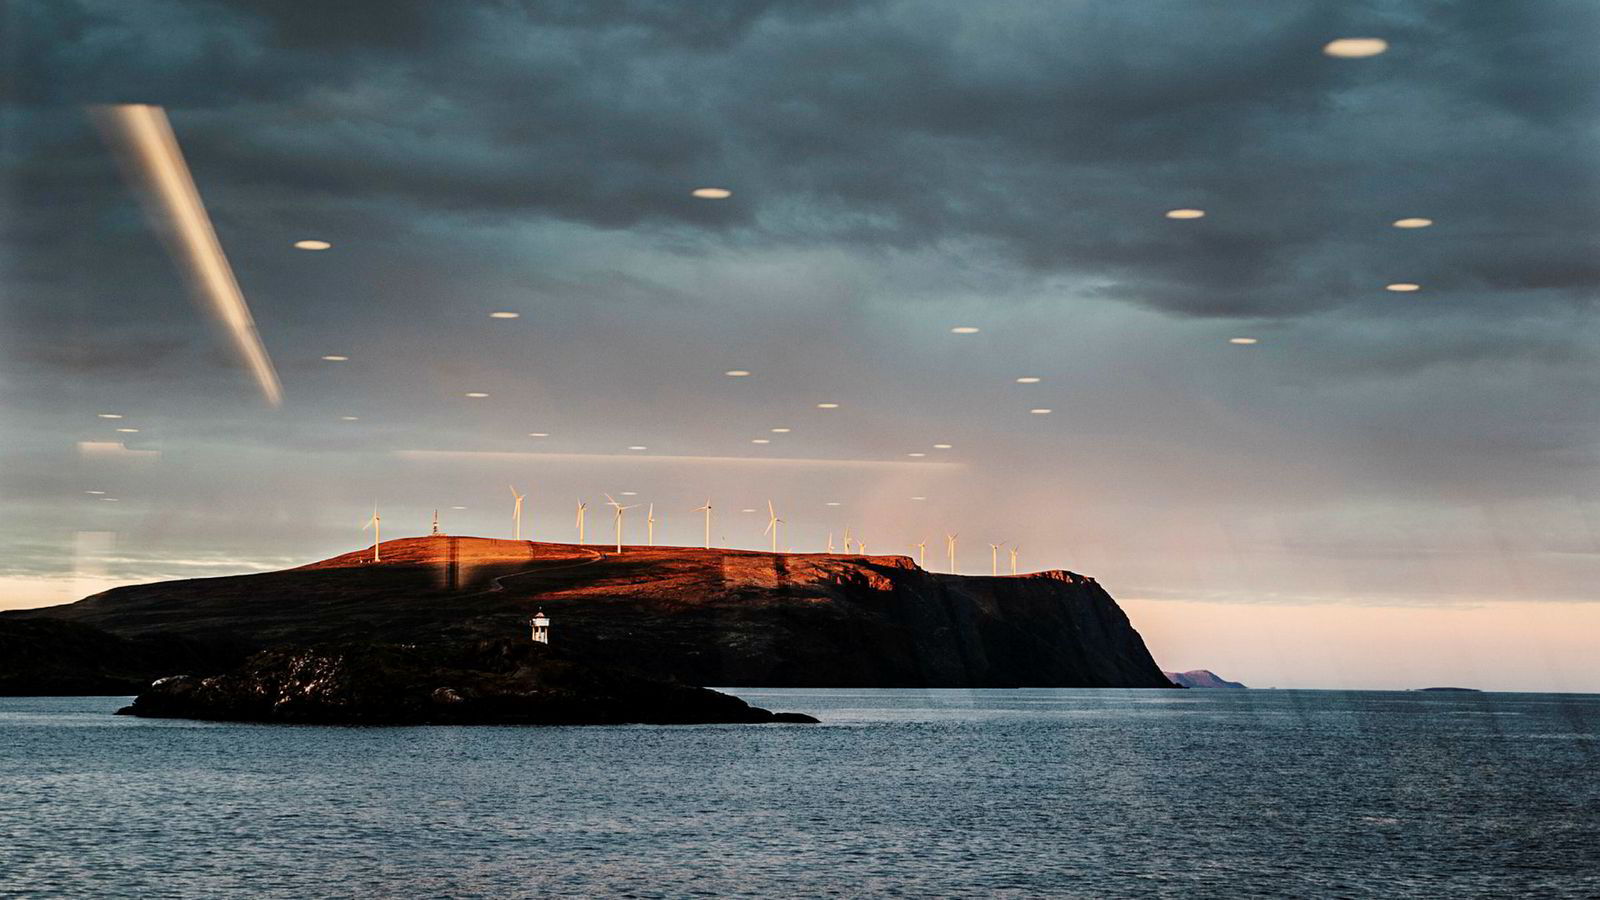 Utviklingen av grønn energi kan komme flere til gode med et bedre kraftnettverk i Europa, ifølge Senter for fornybar energi. Her passerer Hurtigruten vindmøller langs Finnmarkskysten.